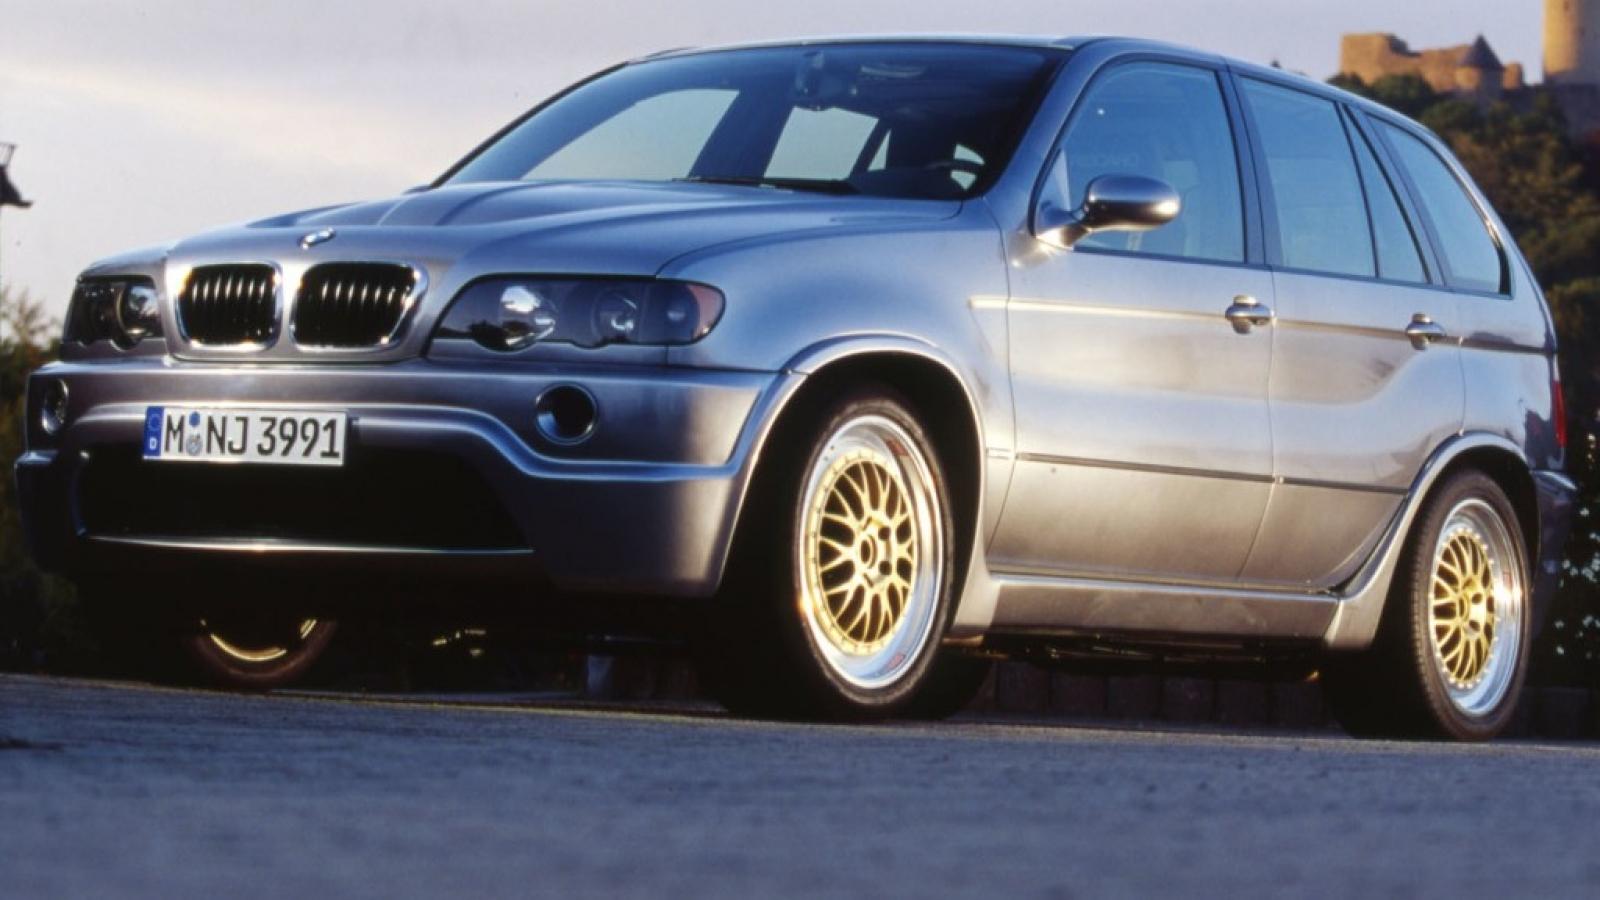 کانسپتهای فراموششده: بامو X5 لمانز - اجاره خودرو